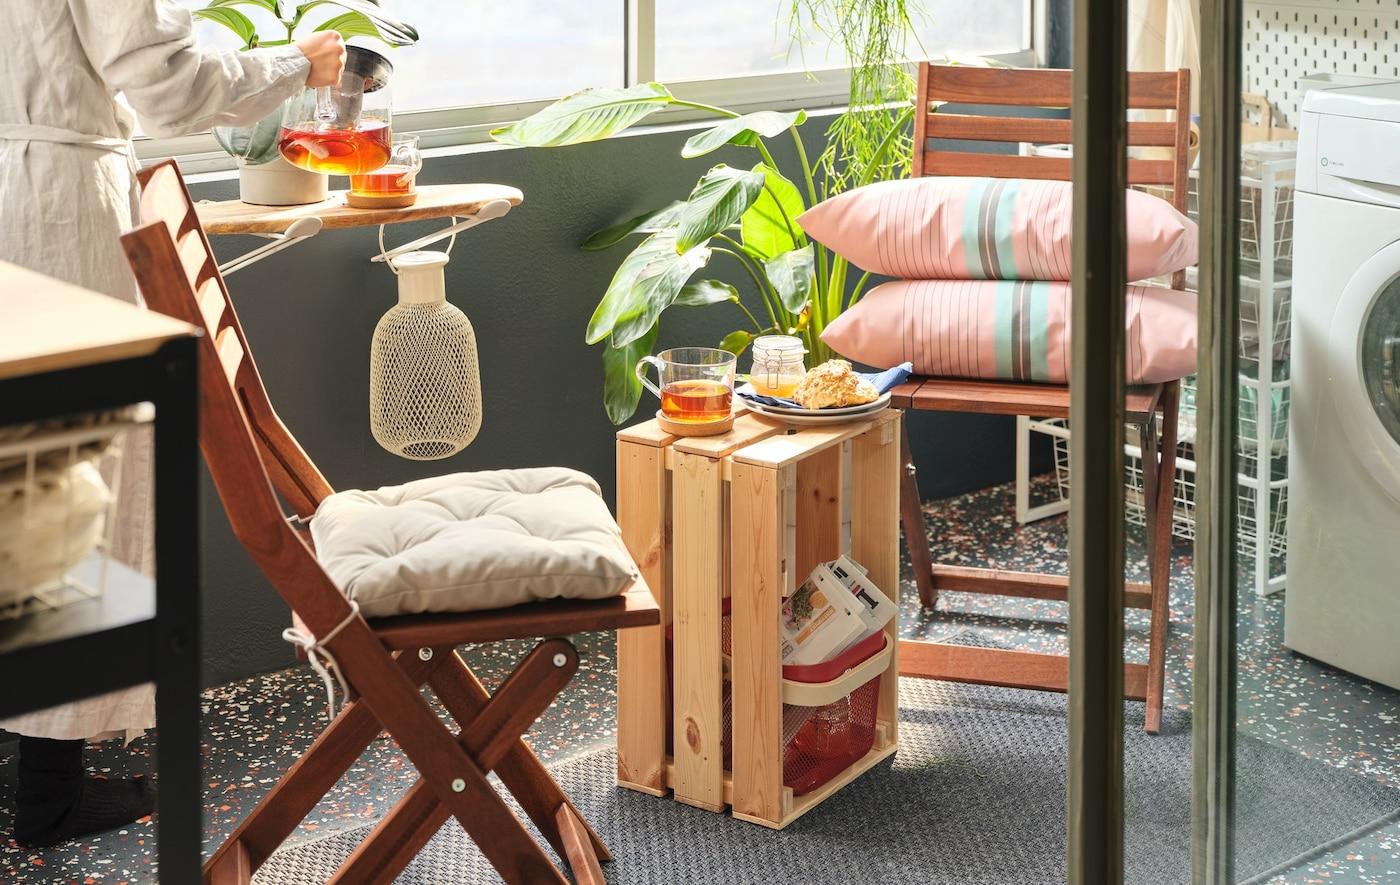 Sonniger Wintergartenbalkon mit Klappstühlen und einem KNAGGLIG Kasten, der als Tisch für Tee und Co. dient